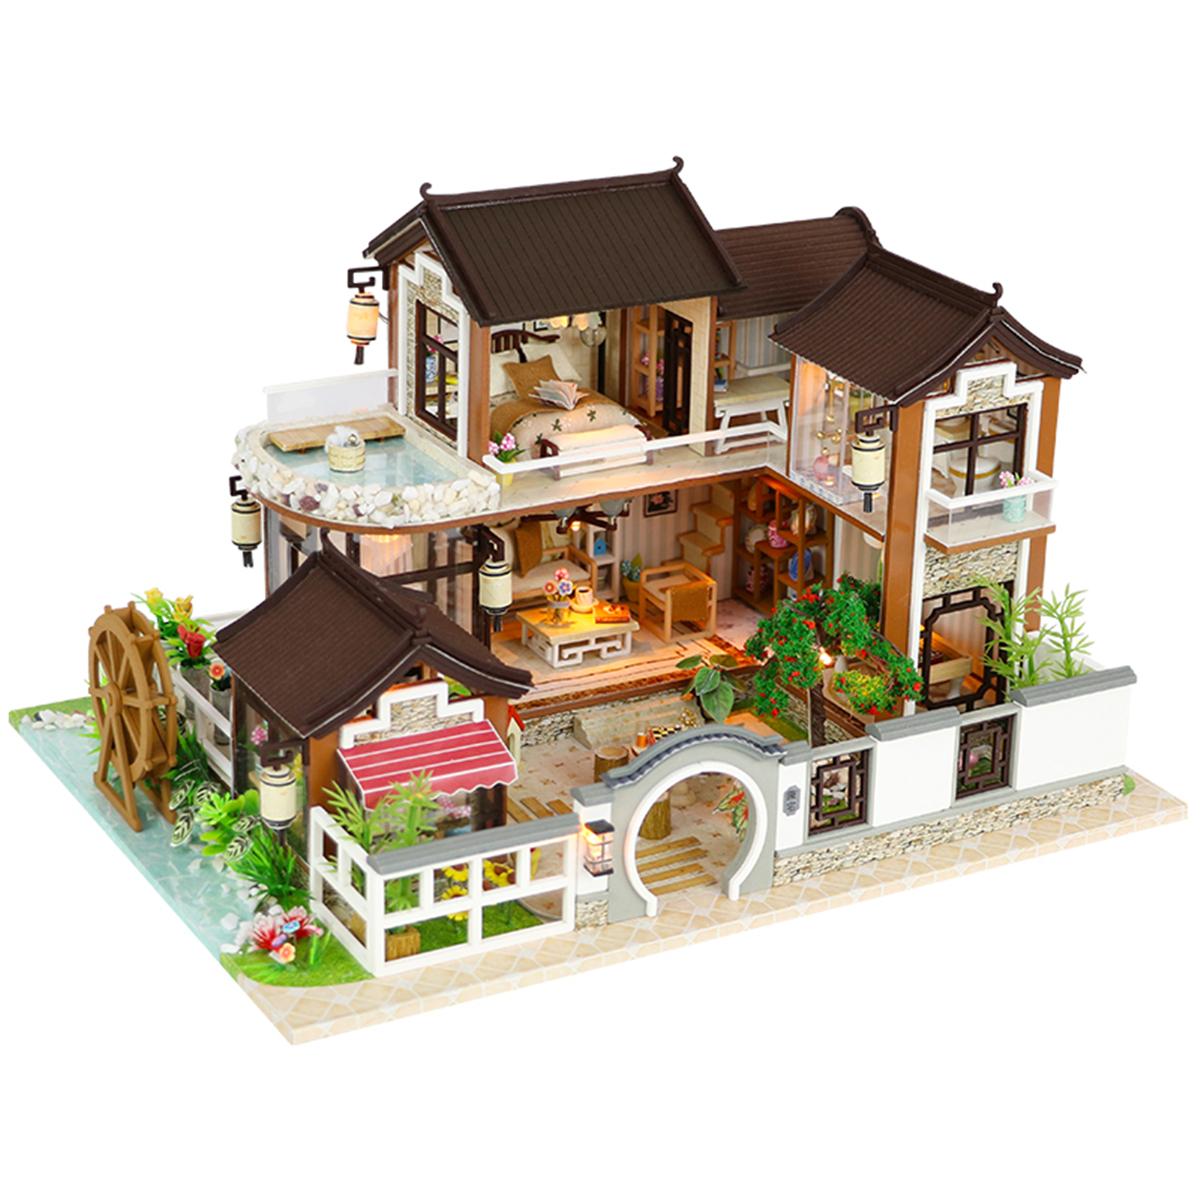 DIY Dollhouse Миниатюрная кукольная мебель для дома Набор LED Дети Кот День рождения Xmas Gift House